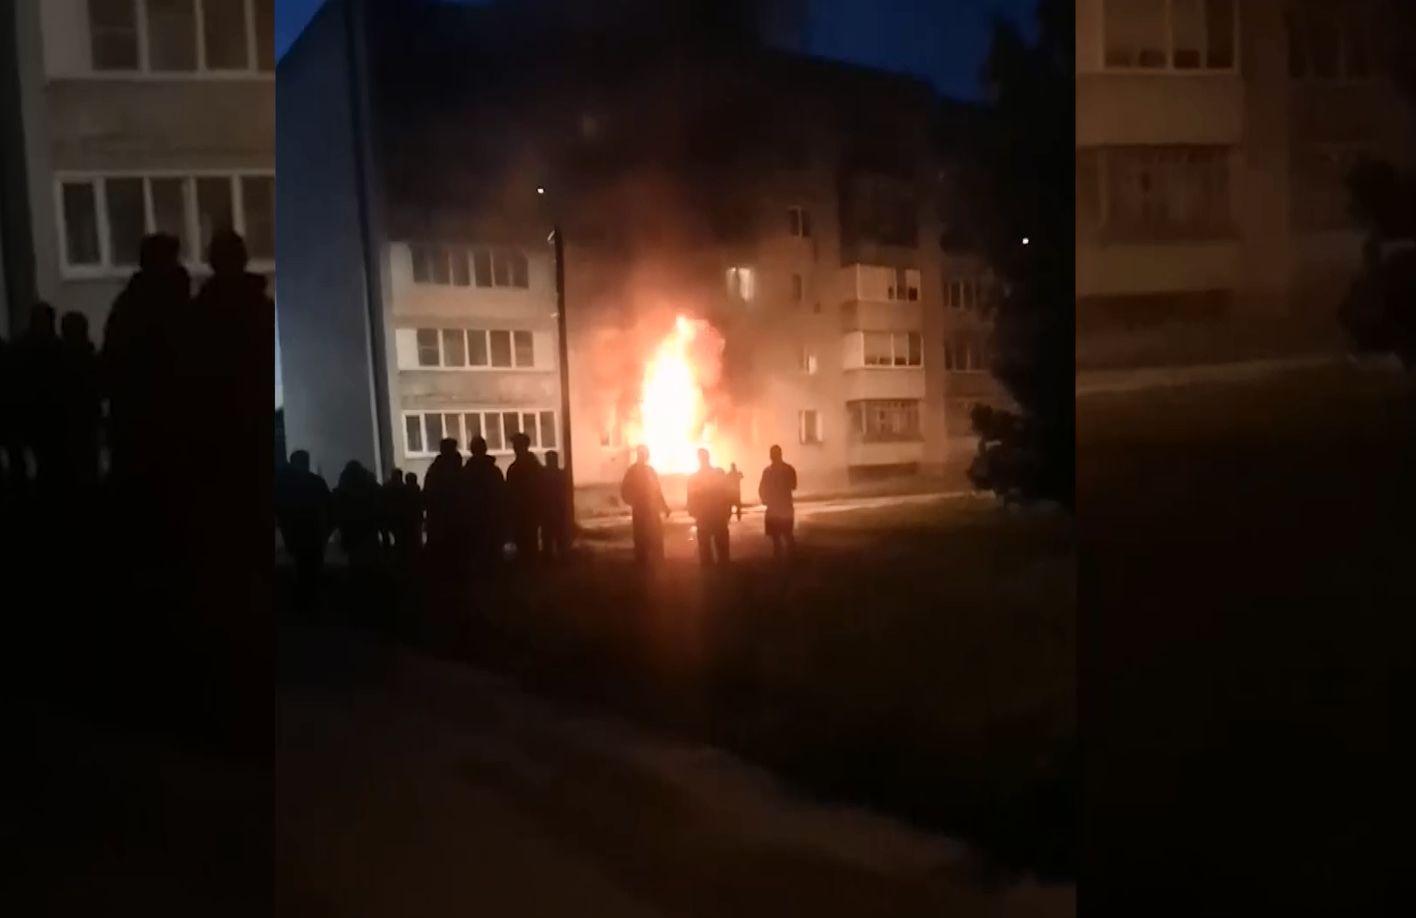 Полиция возбудила уголовное дело по факту поджога квартиры на улице Депутатской в поселке Константиновский под Тутаевом